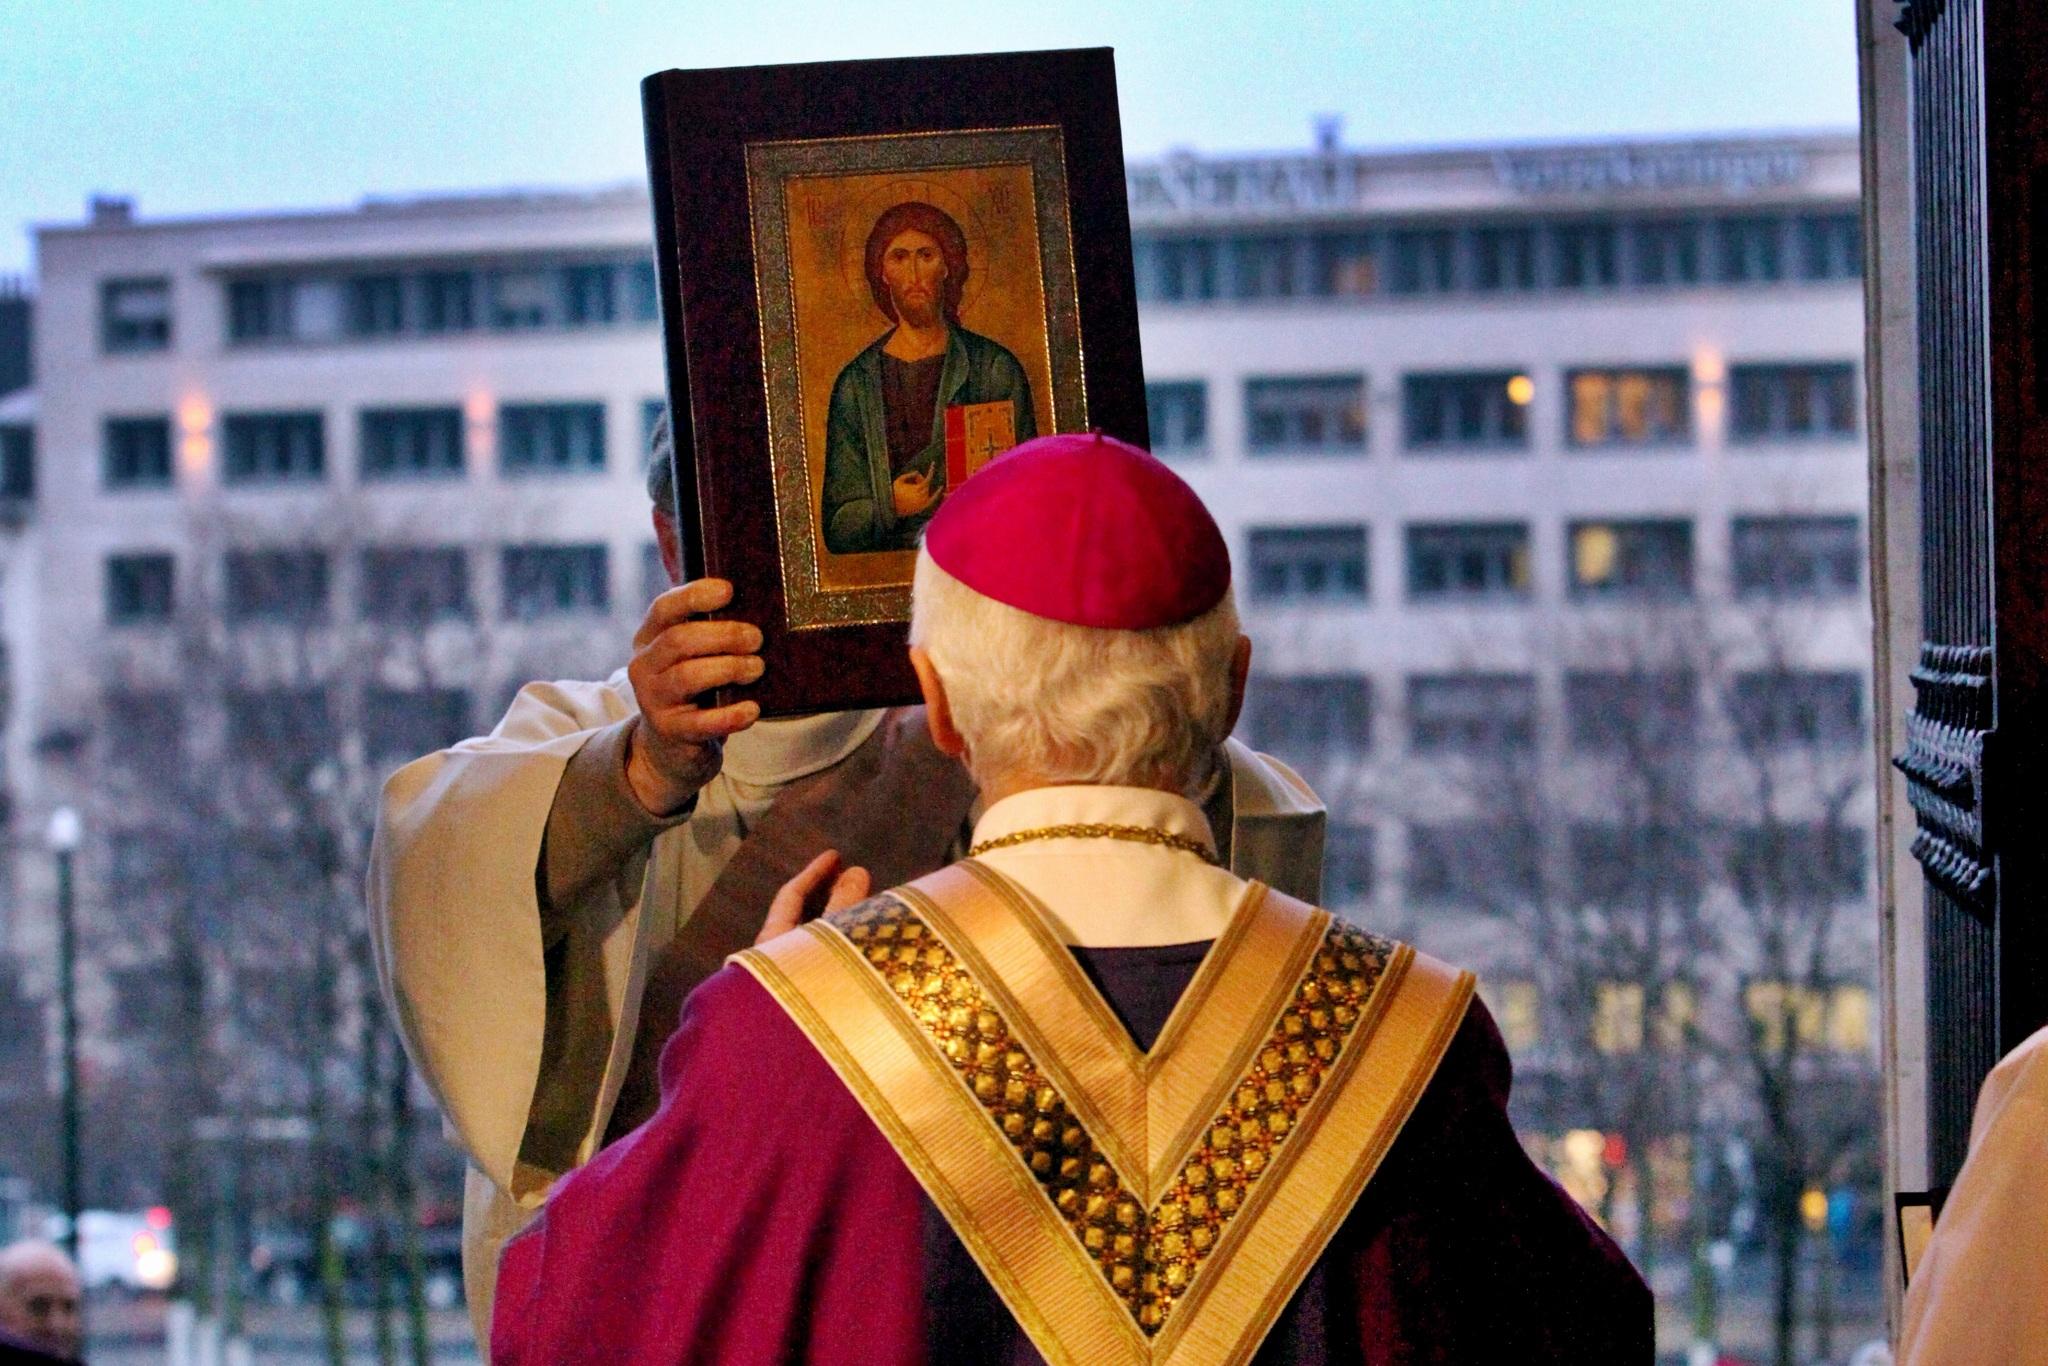 Le 13/12/2015 - Echos de l'ouverture de la porte sainte à la cathédrale des Sts Michel et Gudule